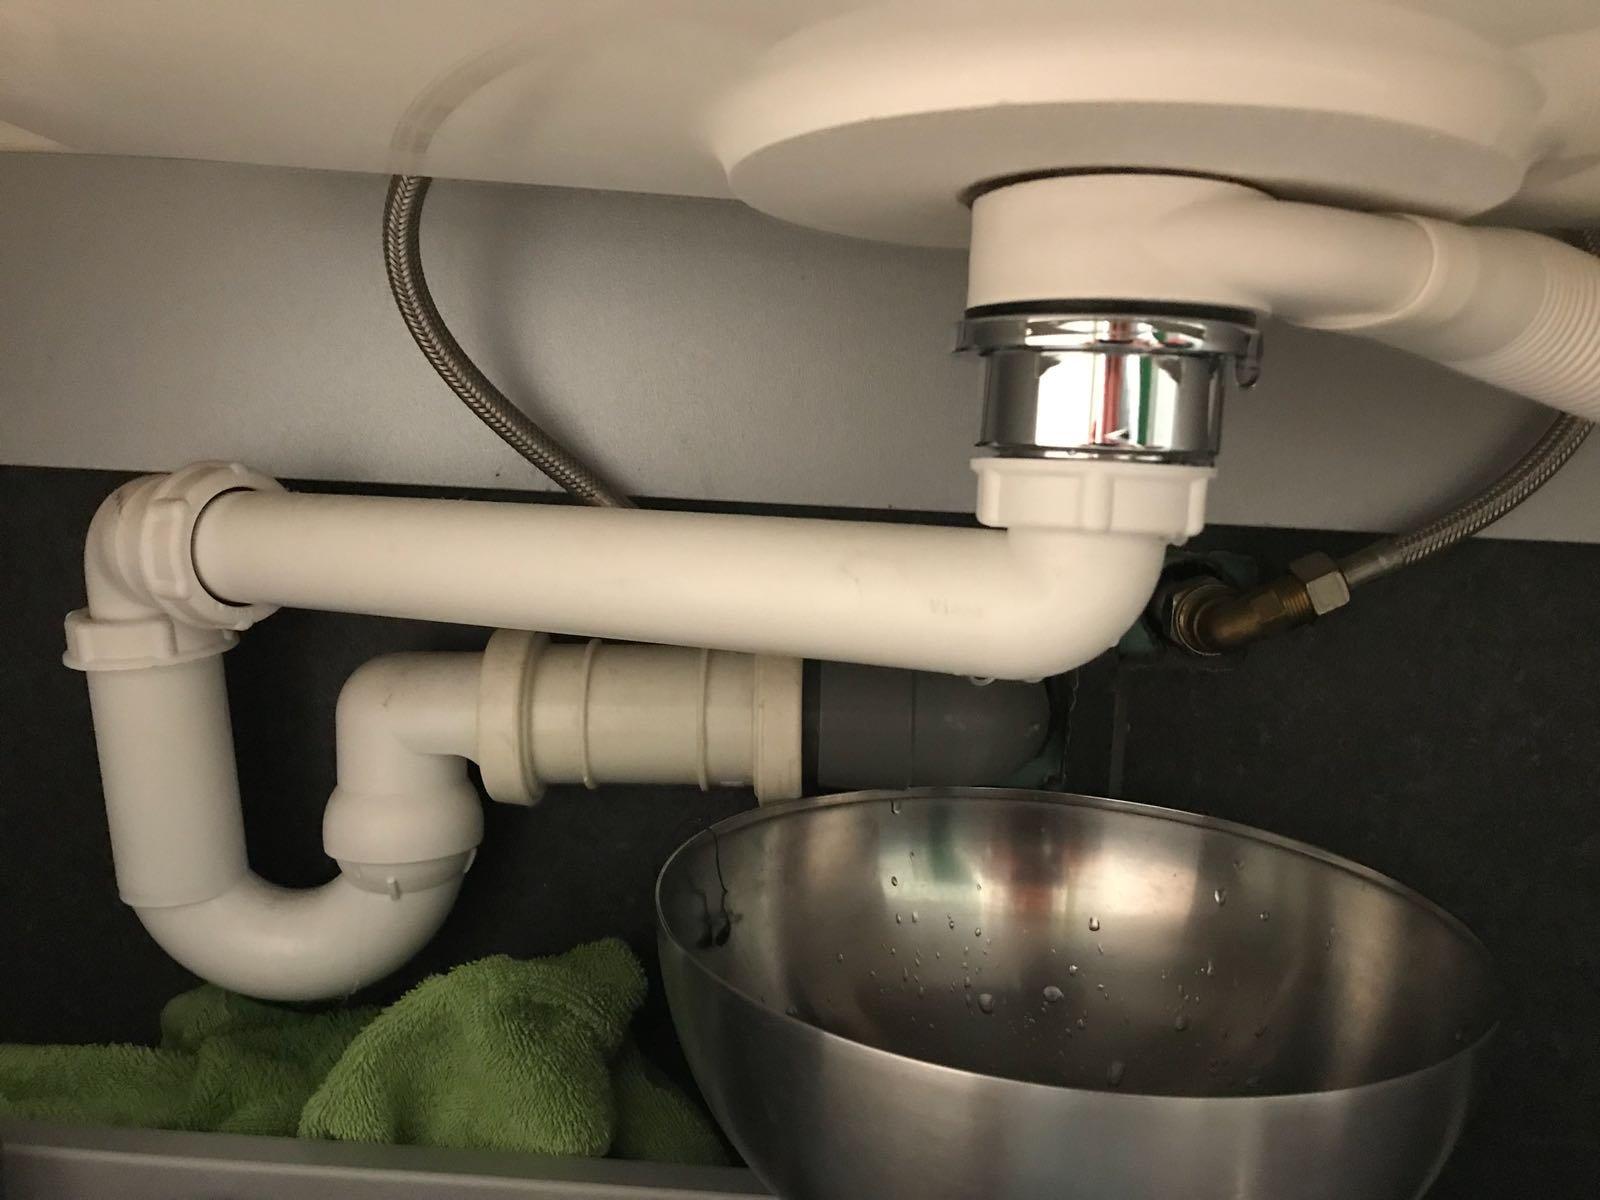 Badkamer Kraan Vervangen : Badkamer kraan plaatsen heb je stalen deuren in je huis laten